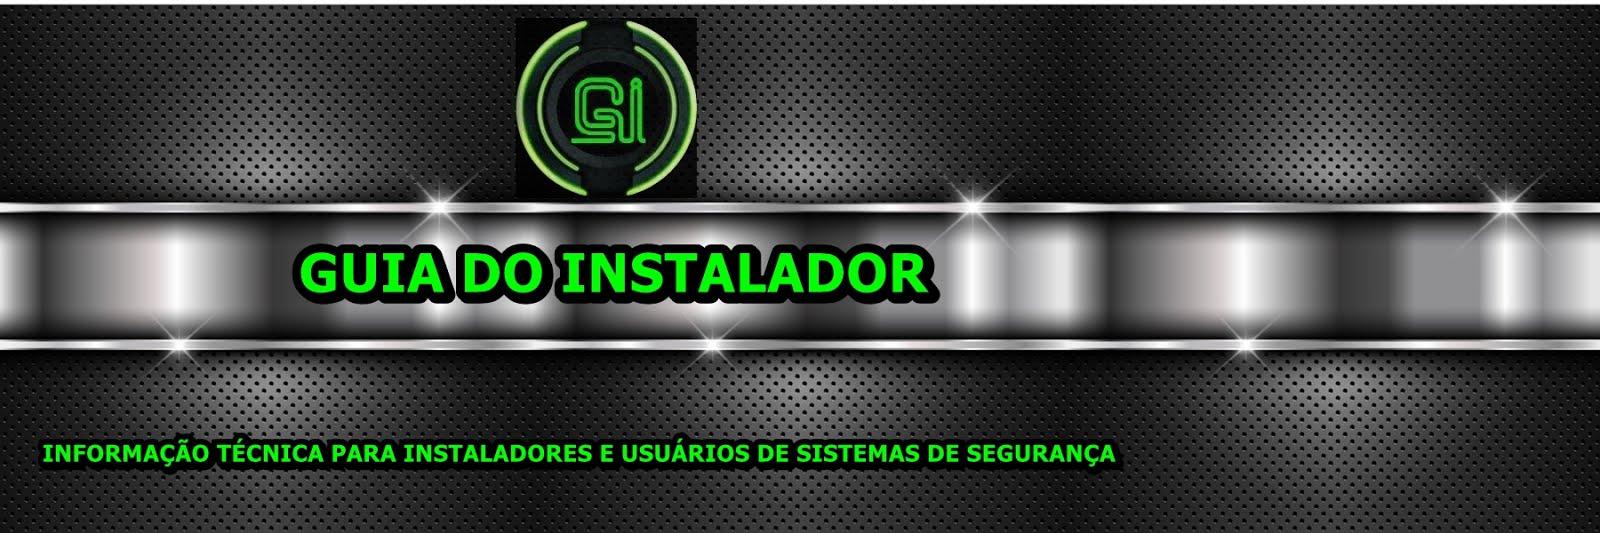 GUIA DO INSTALADOR